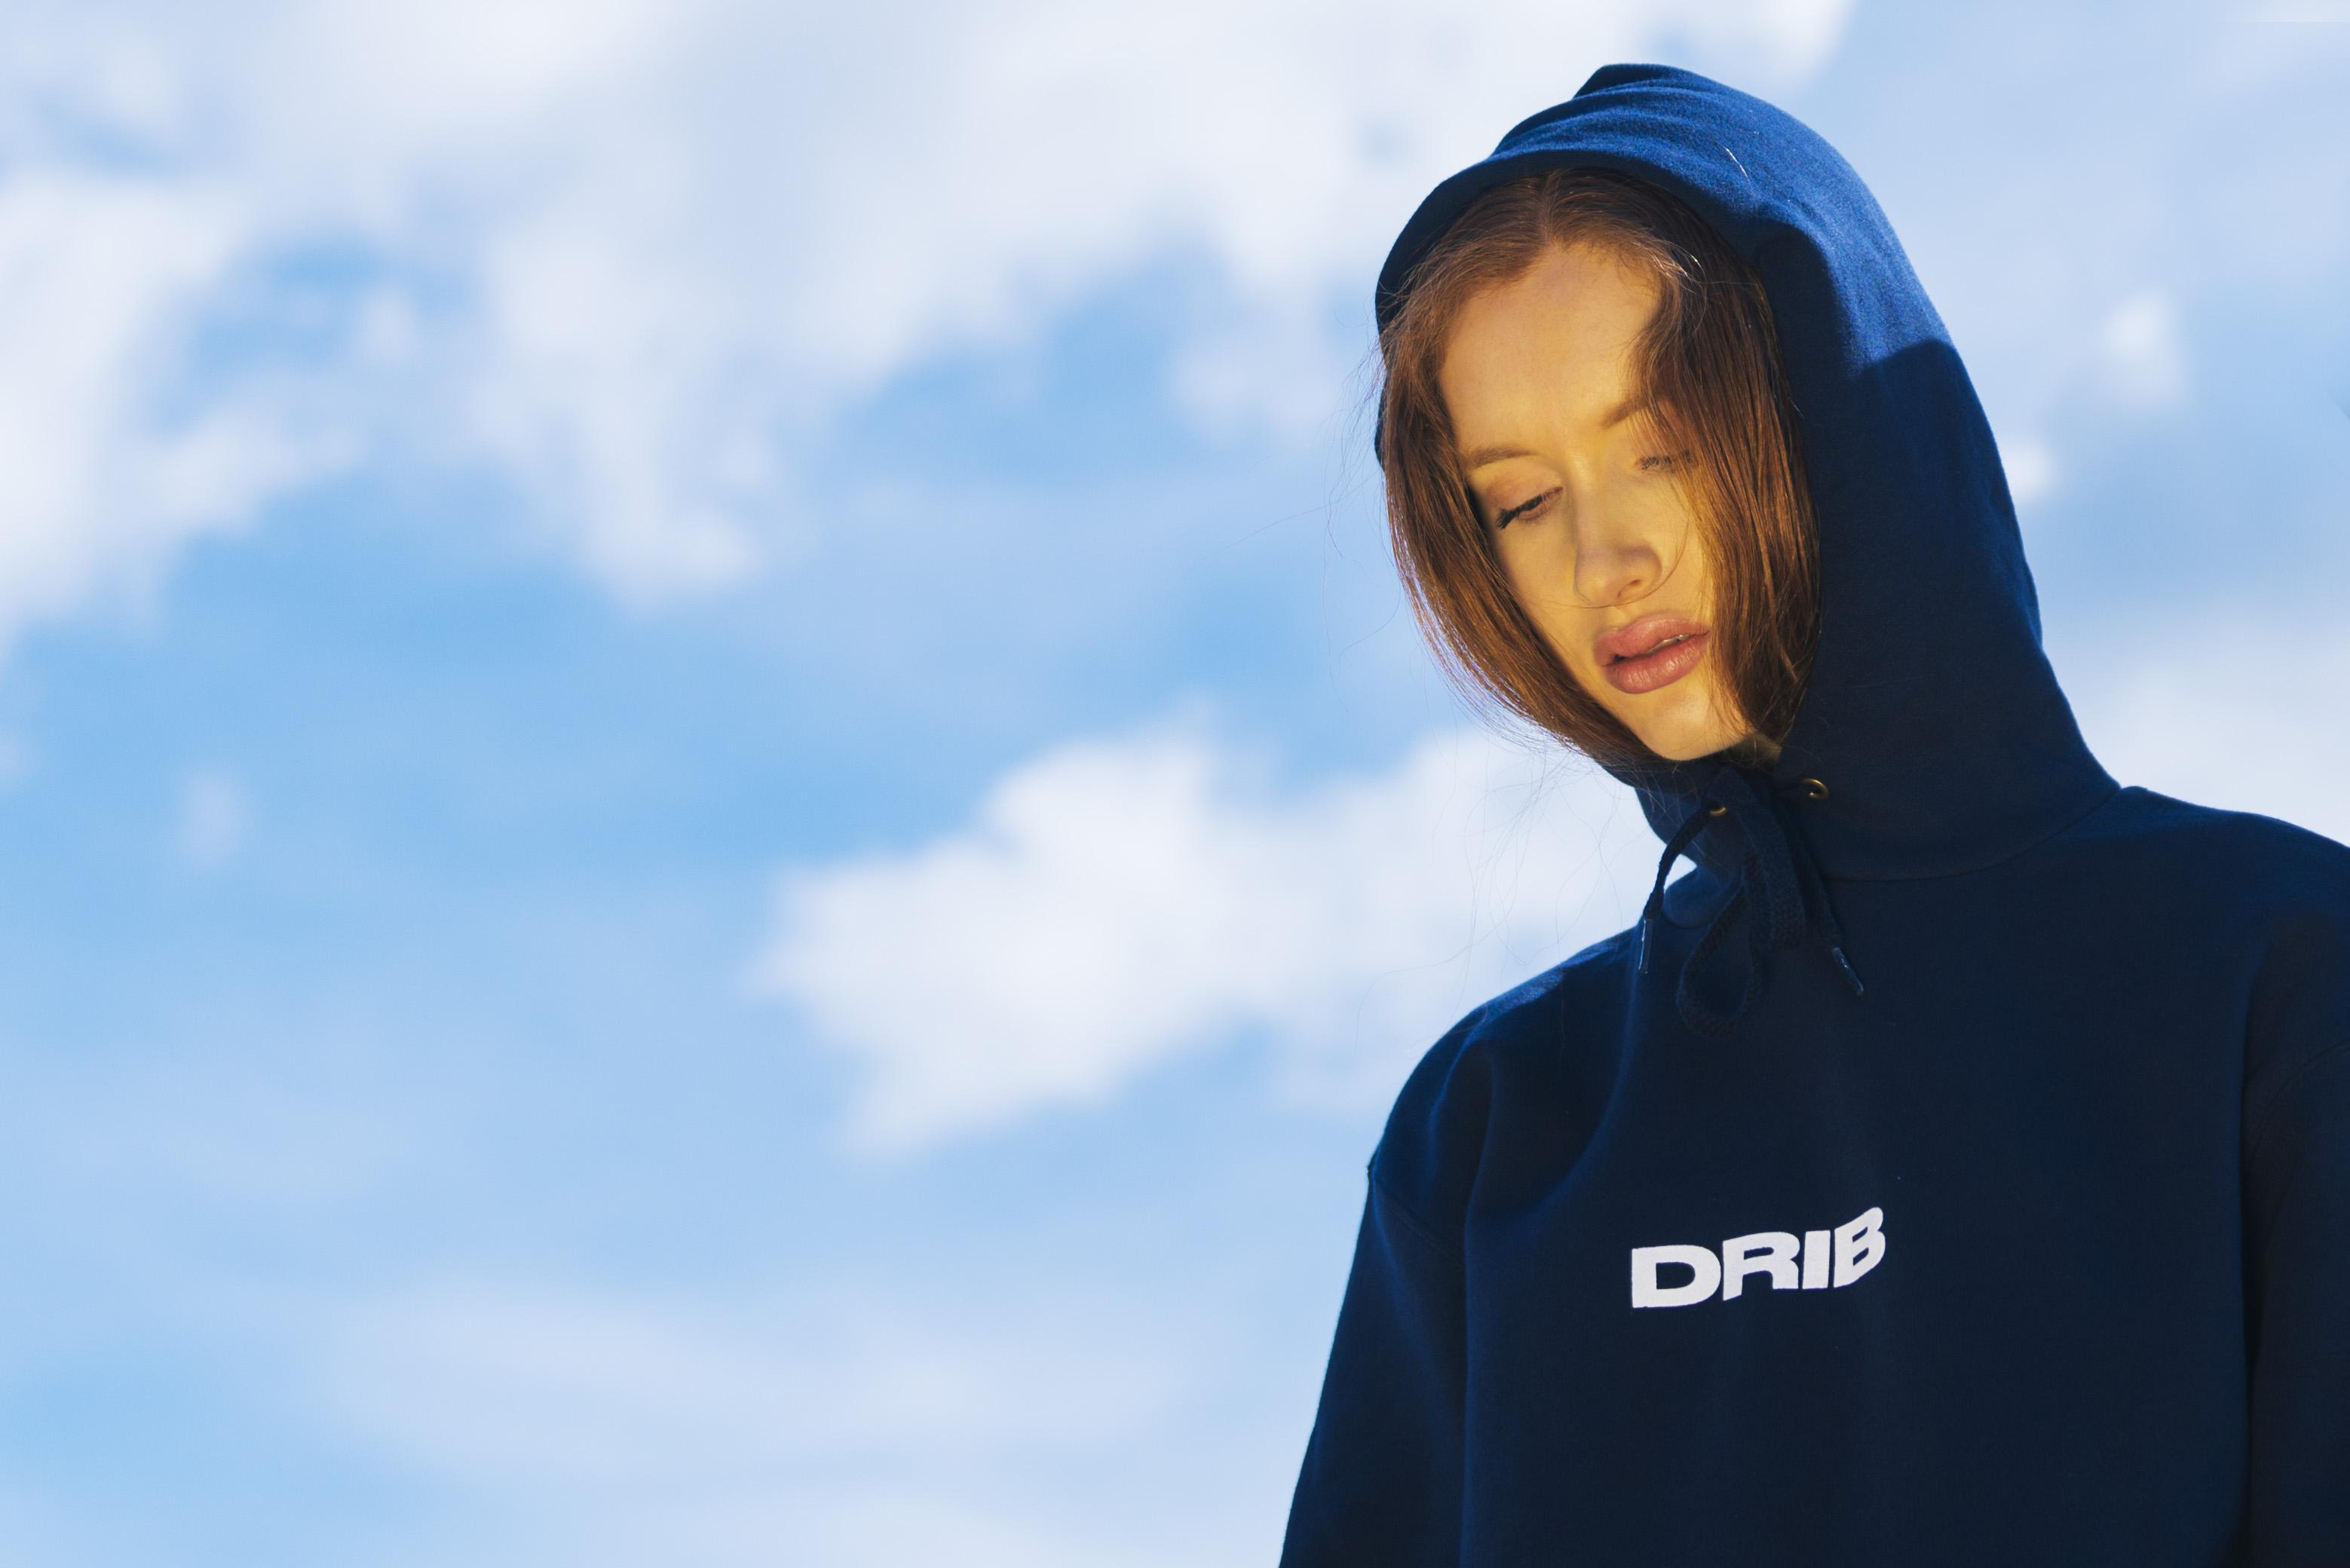 Bilde fra DRIB sin kampanje